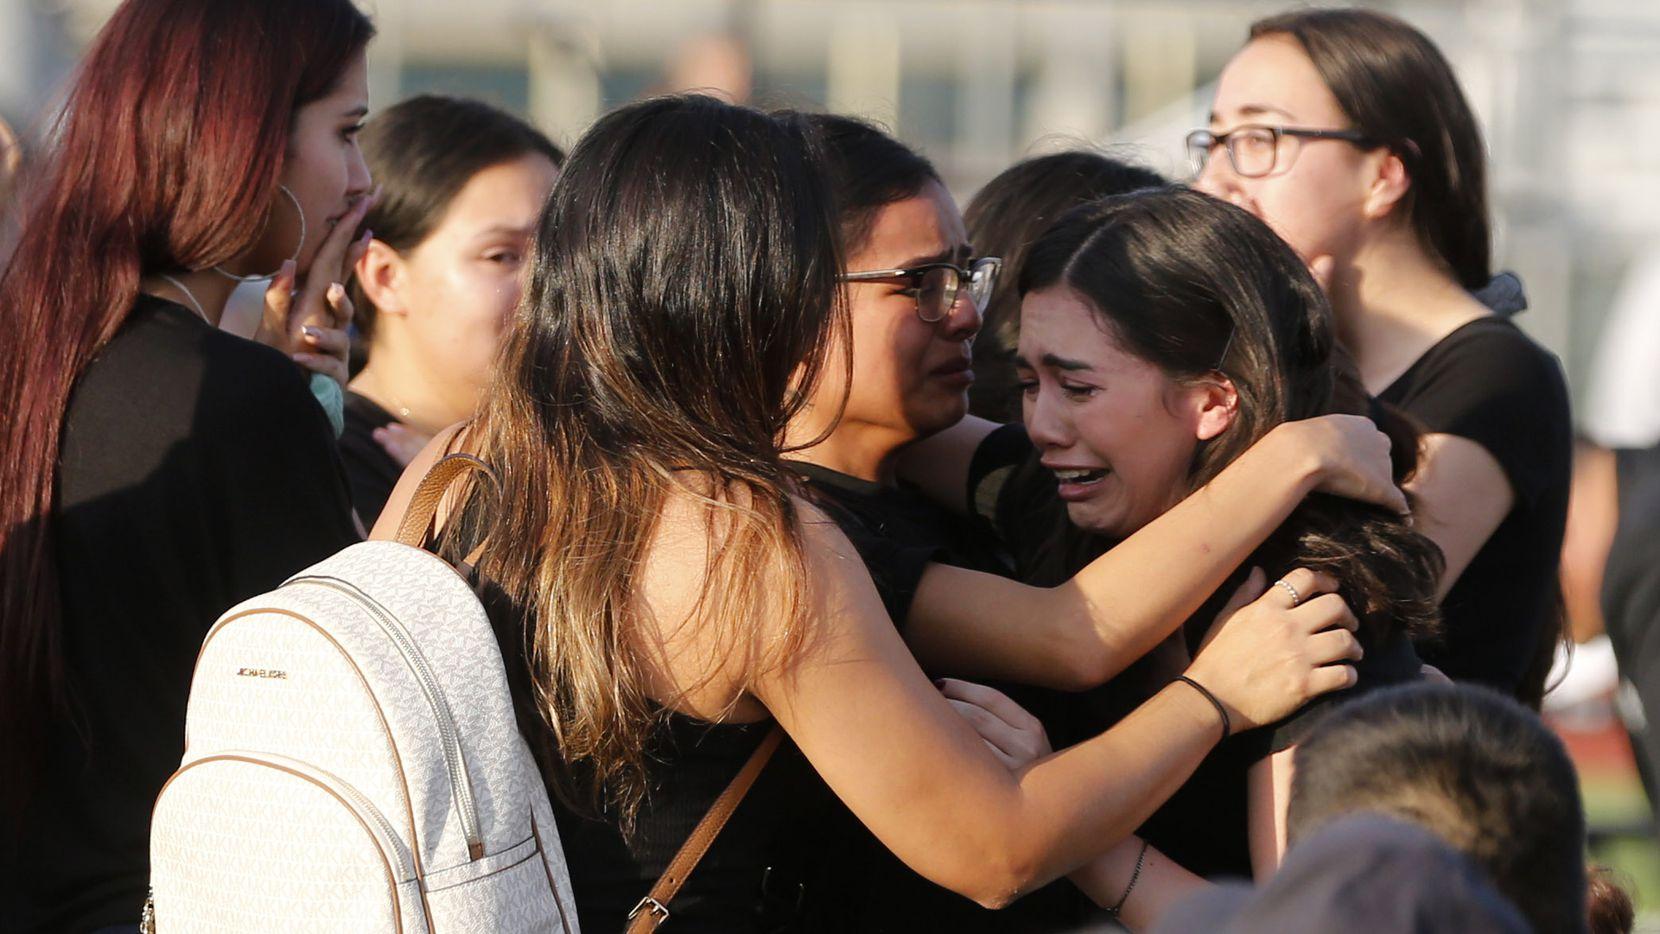 Familiares de Javier Amir Rodríguez se abrazan al inicio de un servicio memorial luego de la muerte del joven en Horizon High School en El Paso, Texas.